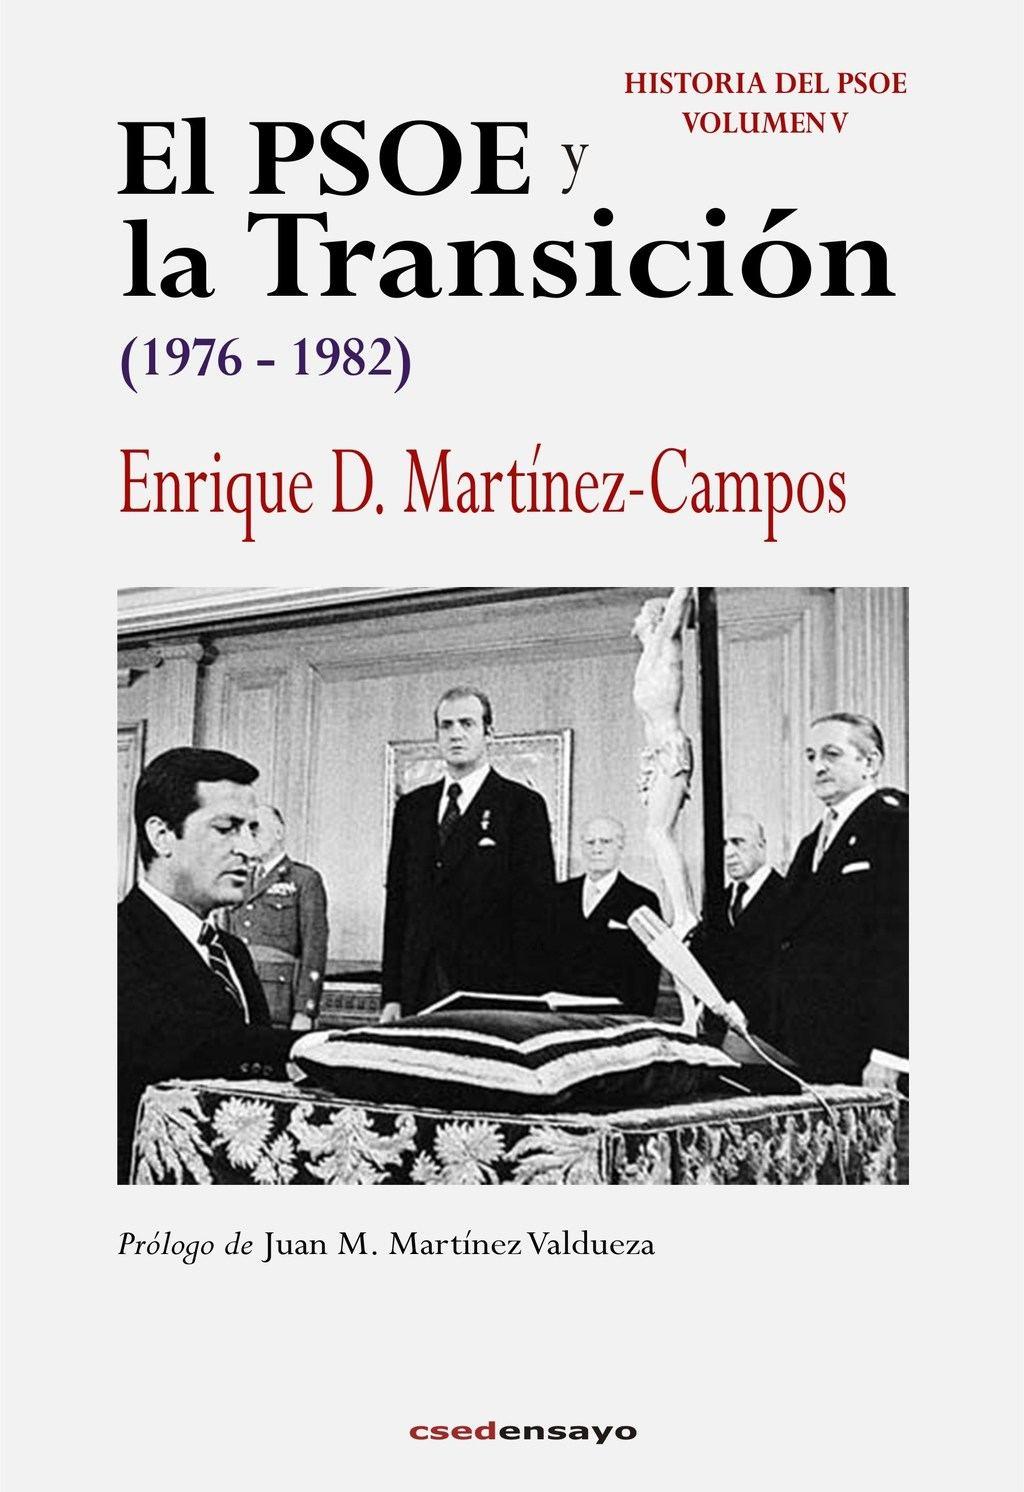 El PSOE y la Transición, de Enrique D. Martínez-Campos